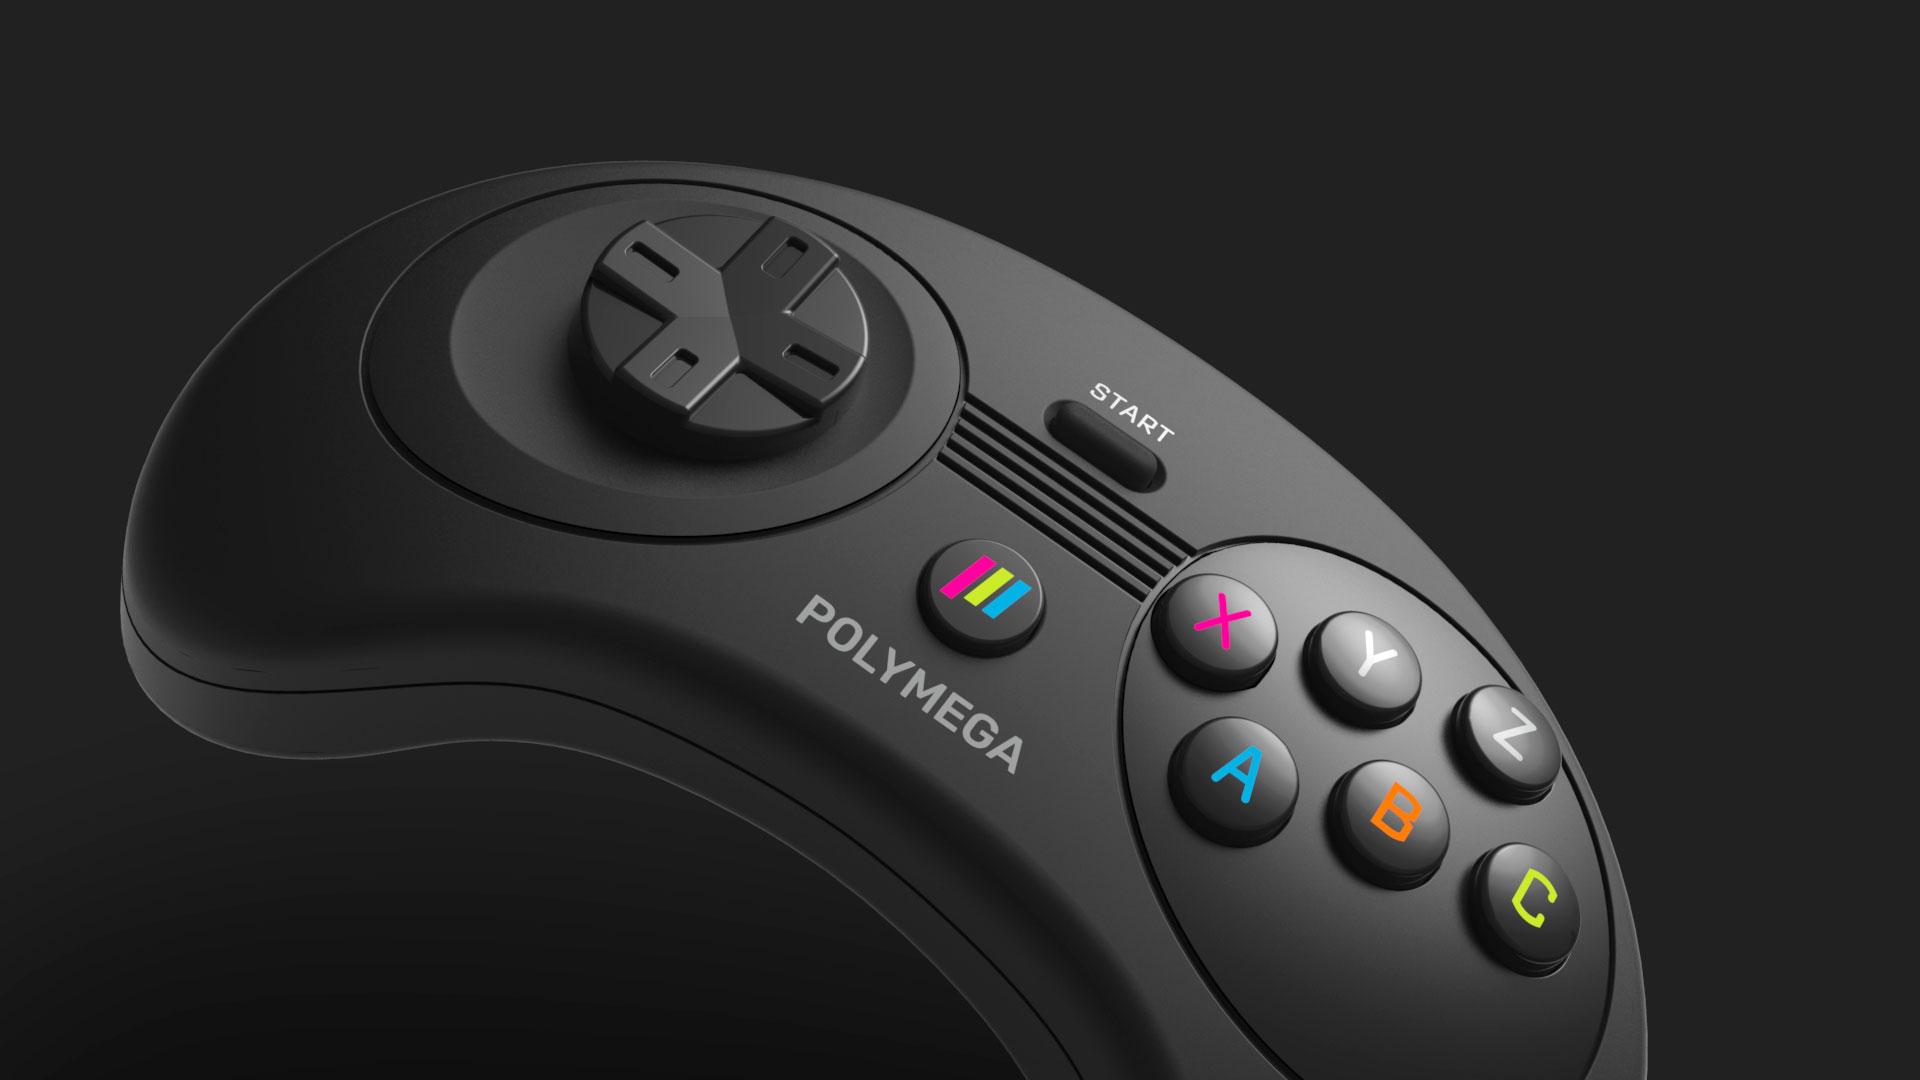 polymega sega 3 - Nowa konsola Polymega ze wsparciem m.in. dla PlayStation oraz Sega Saturn